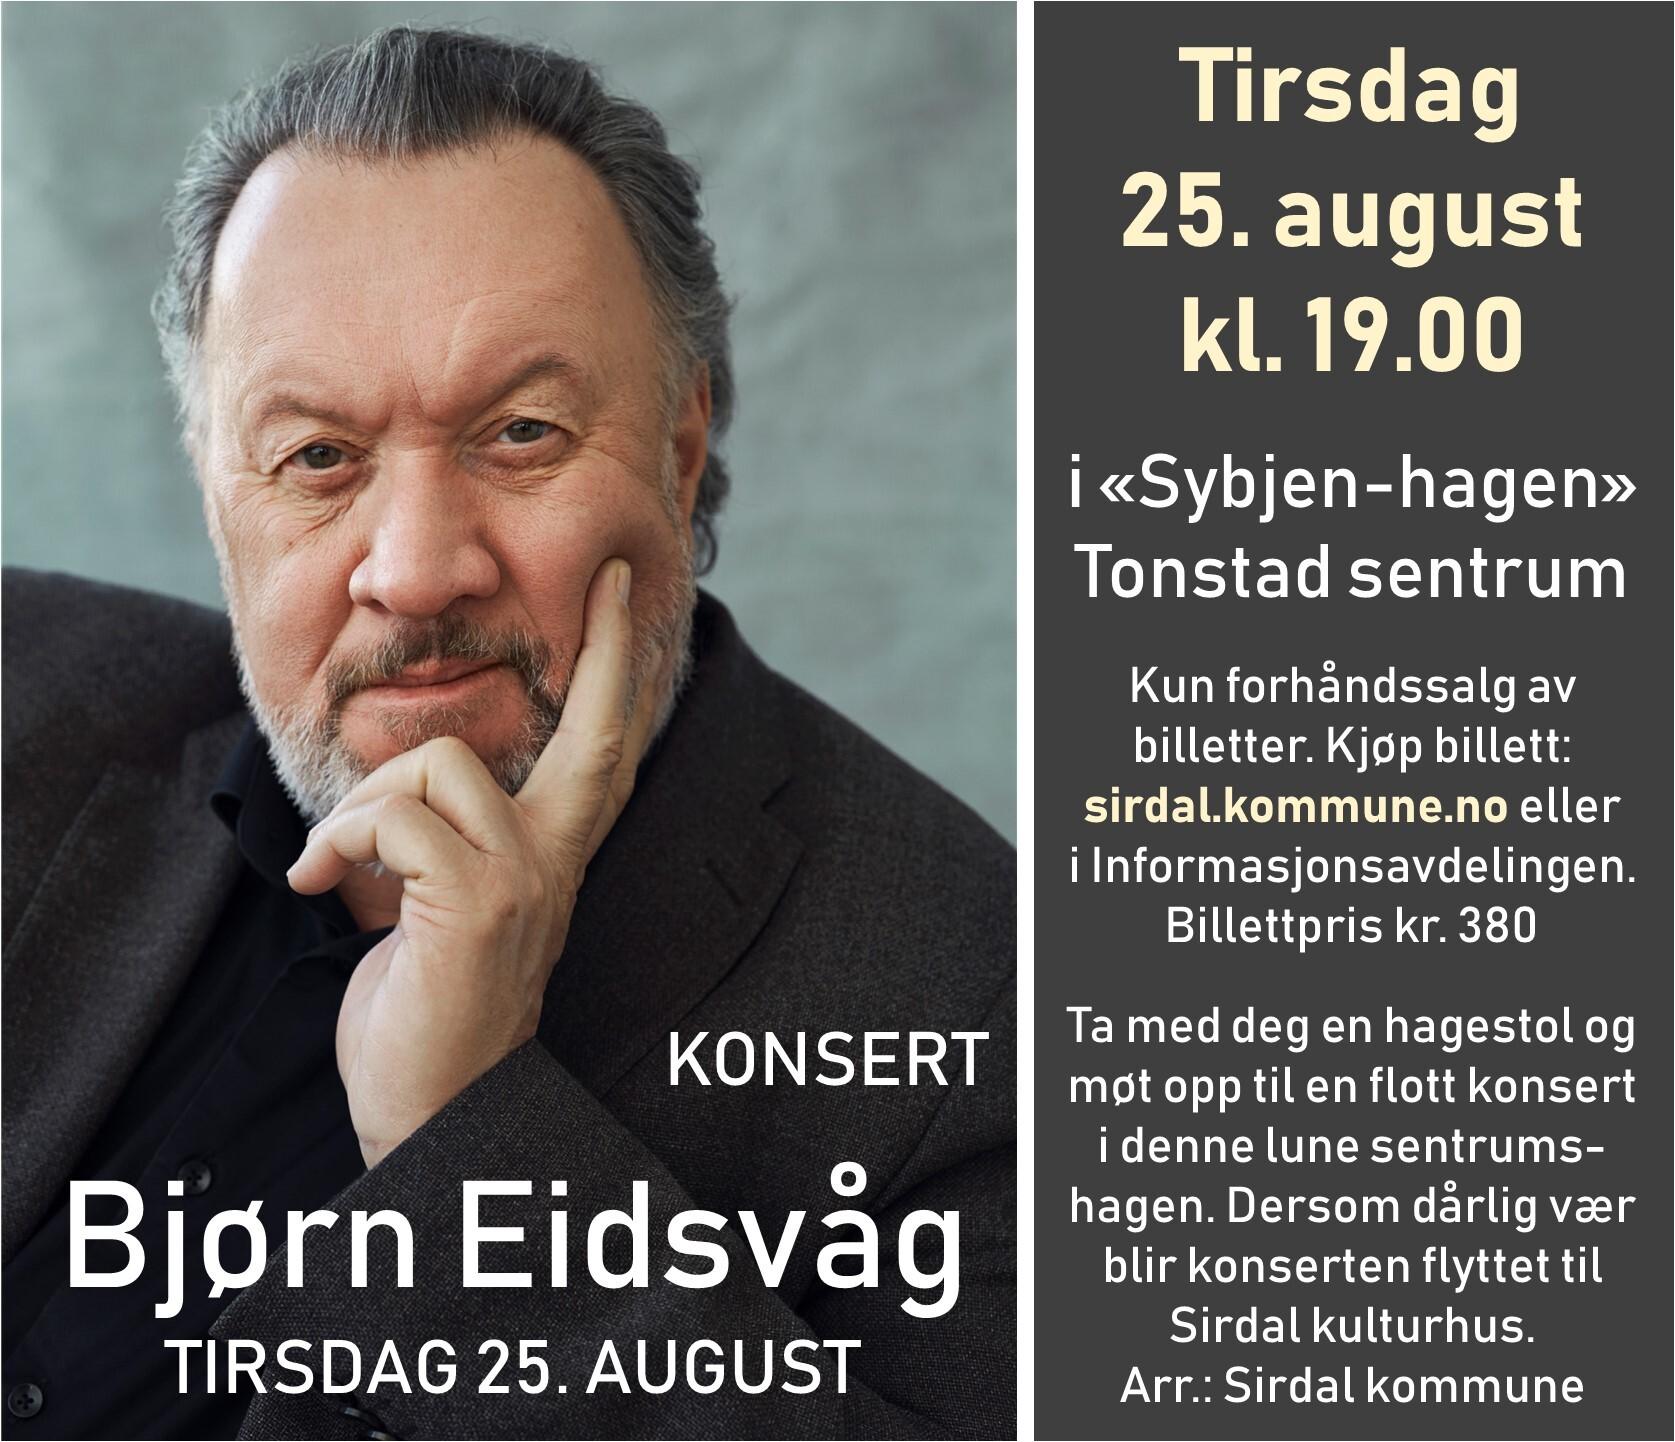 Annonse Bjørn Eidsvåg Sirdal.jpg